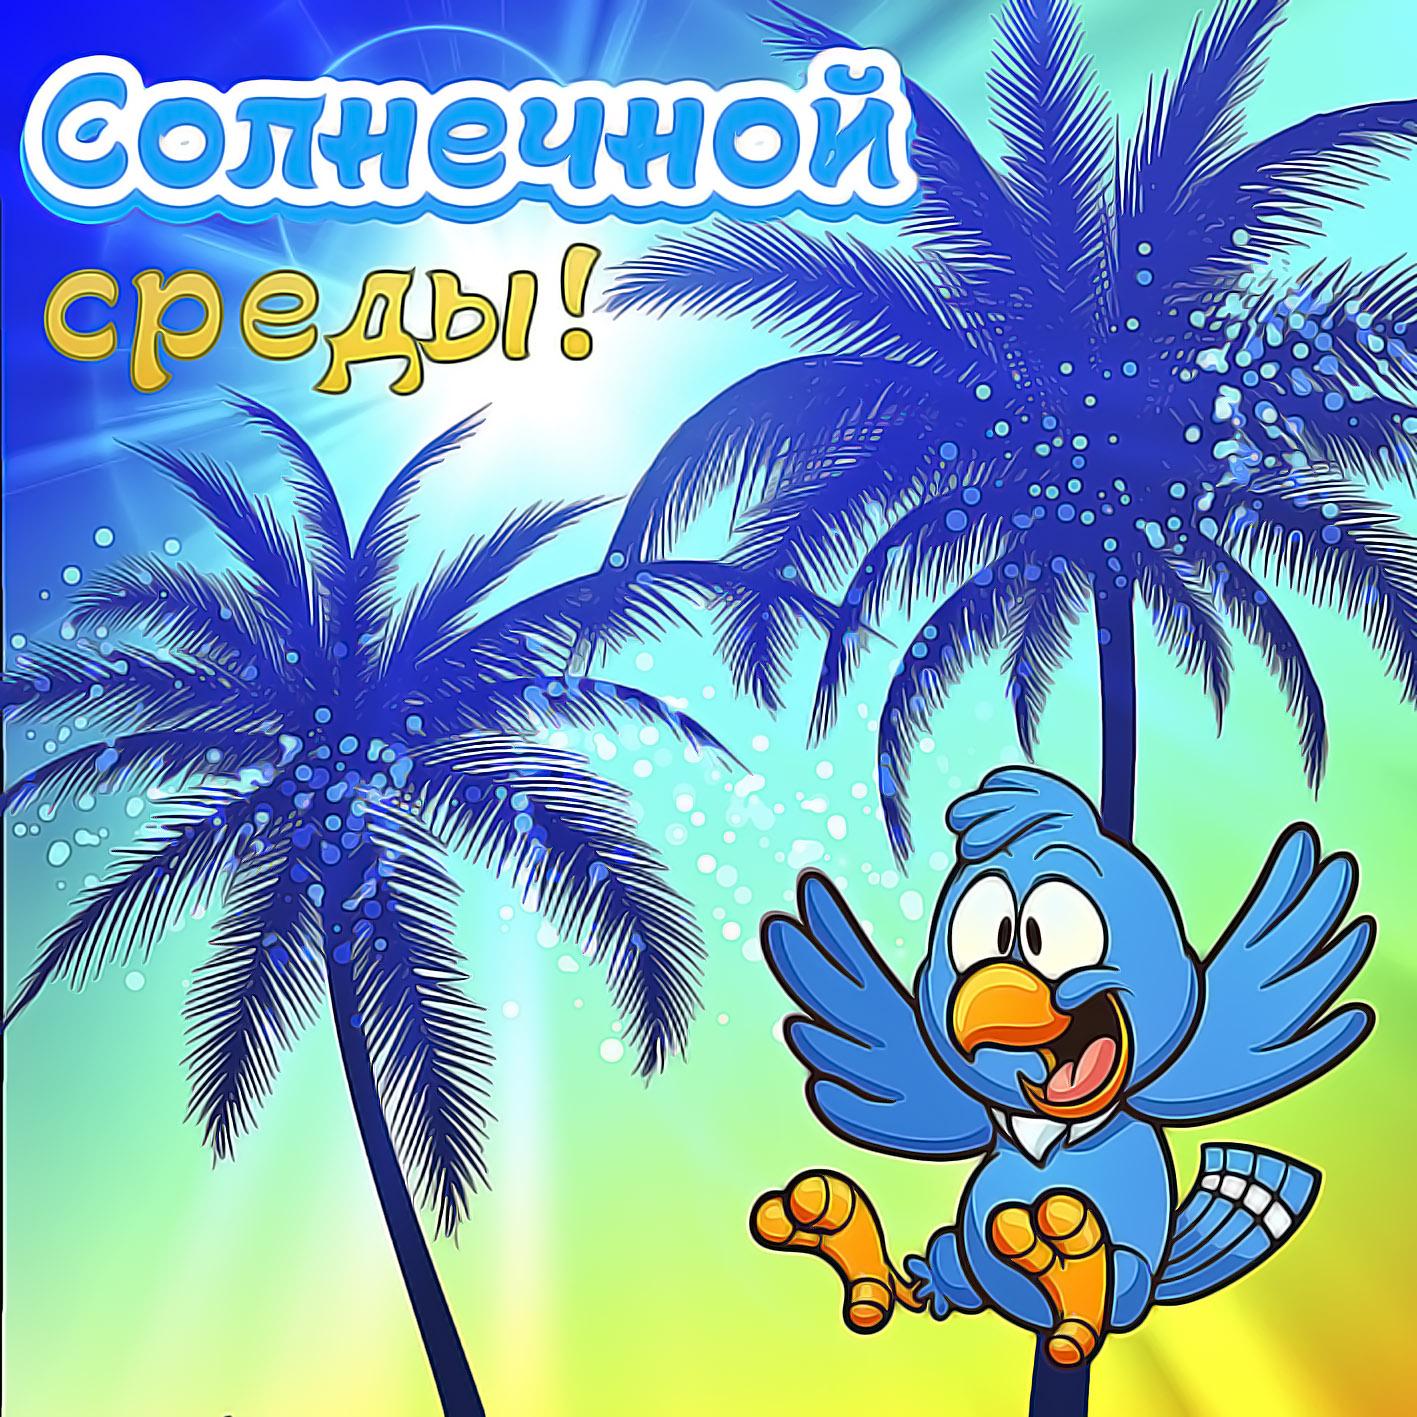 Картинка с пальмами и попугаем на среду